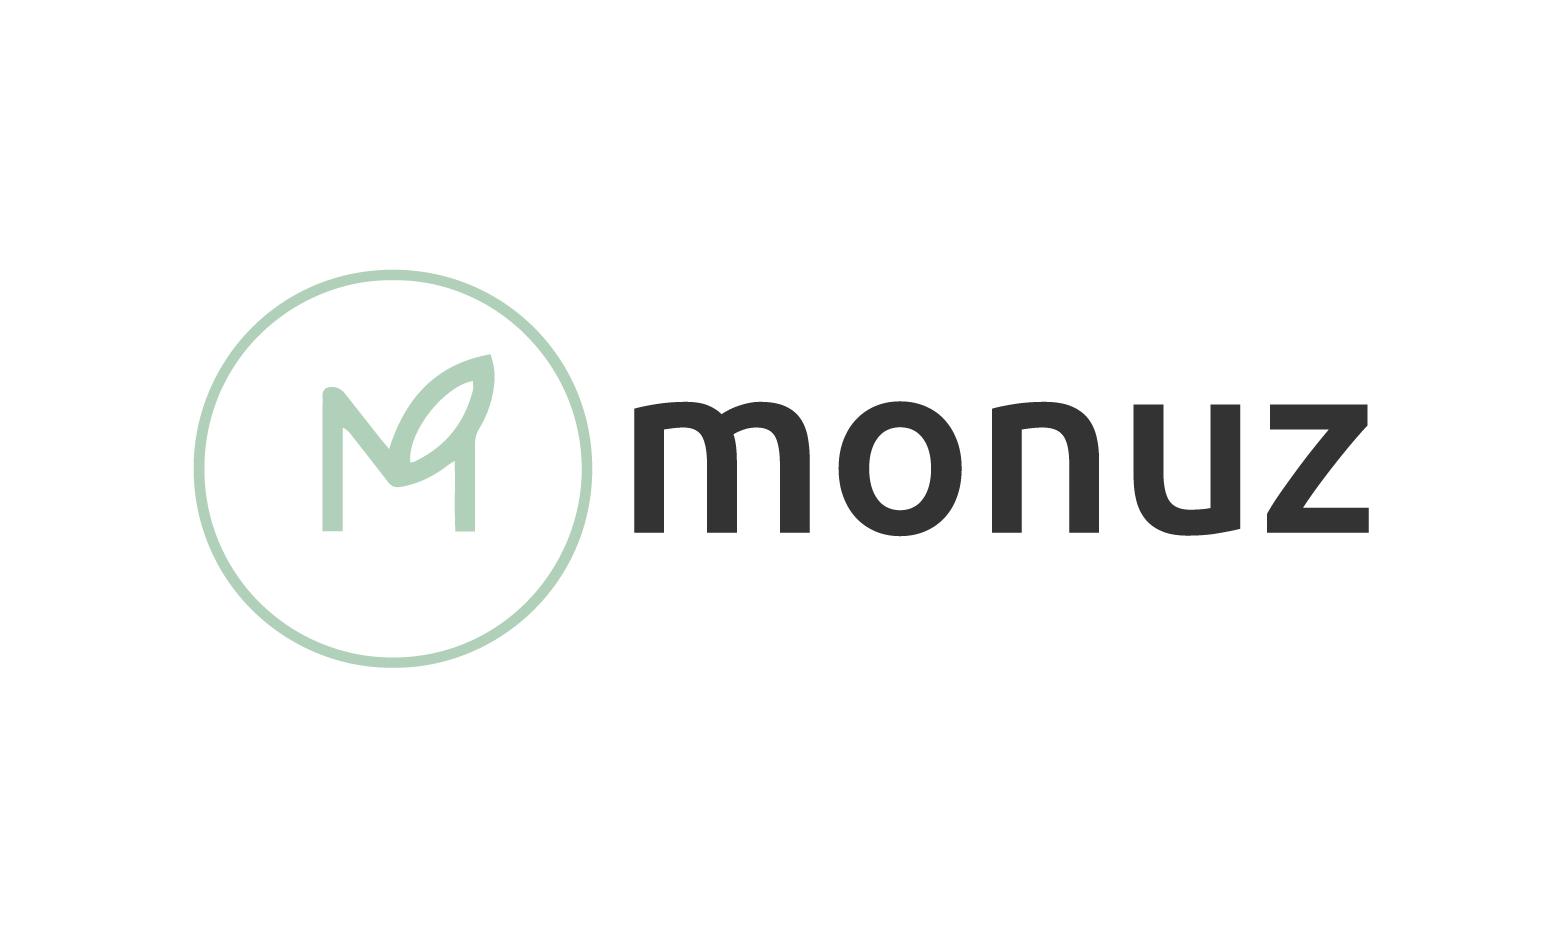 monuz.com